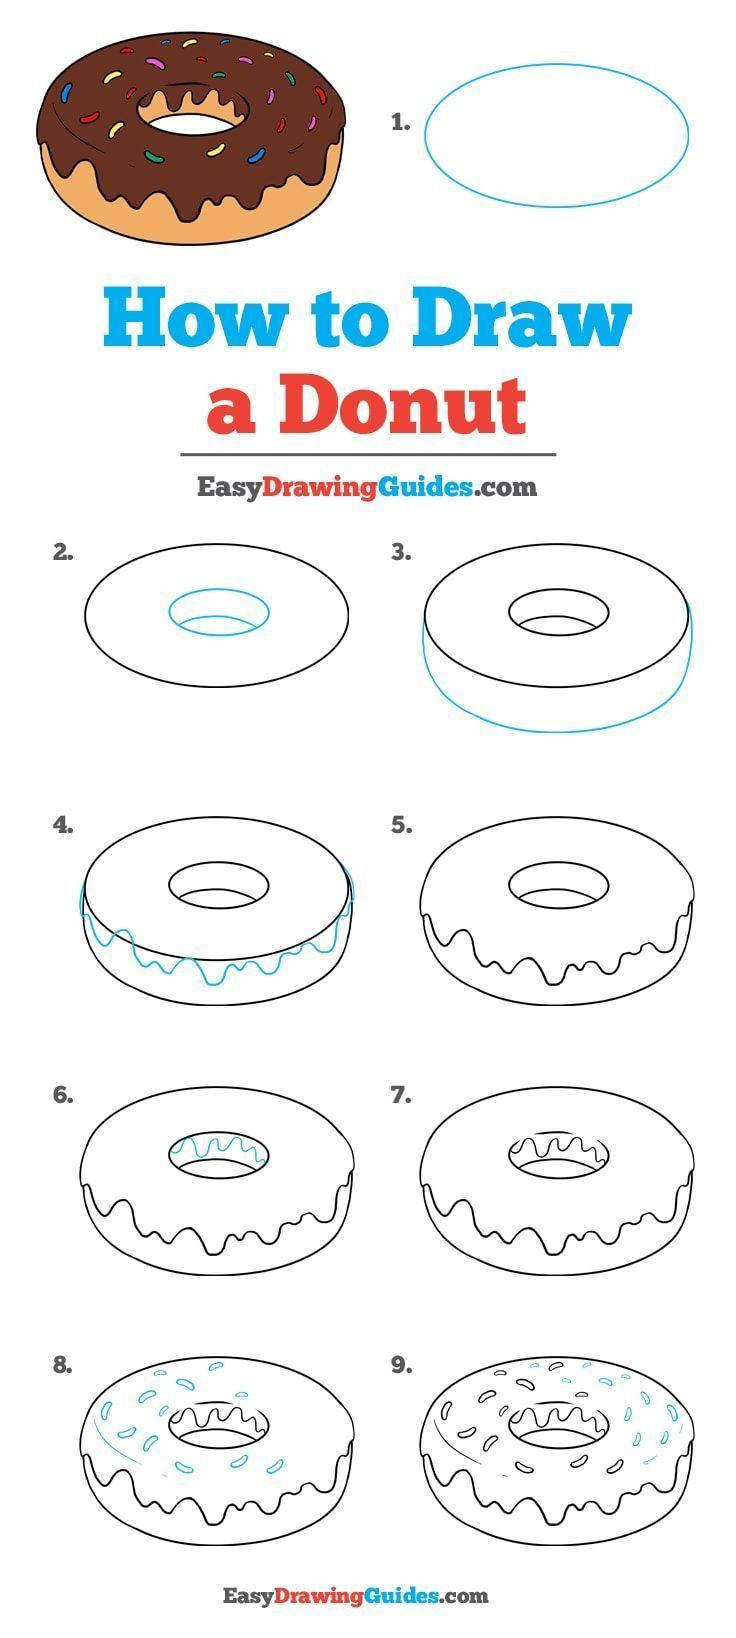 Photo of Lernen Sie, wie man einen Donut zeichnet: Einfaches Zeichnen-Tutorial für Kinder und Beginnen … – Indispensable address of art